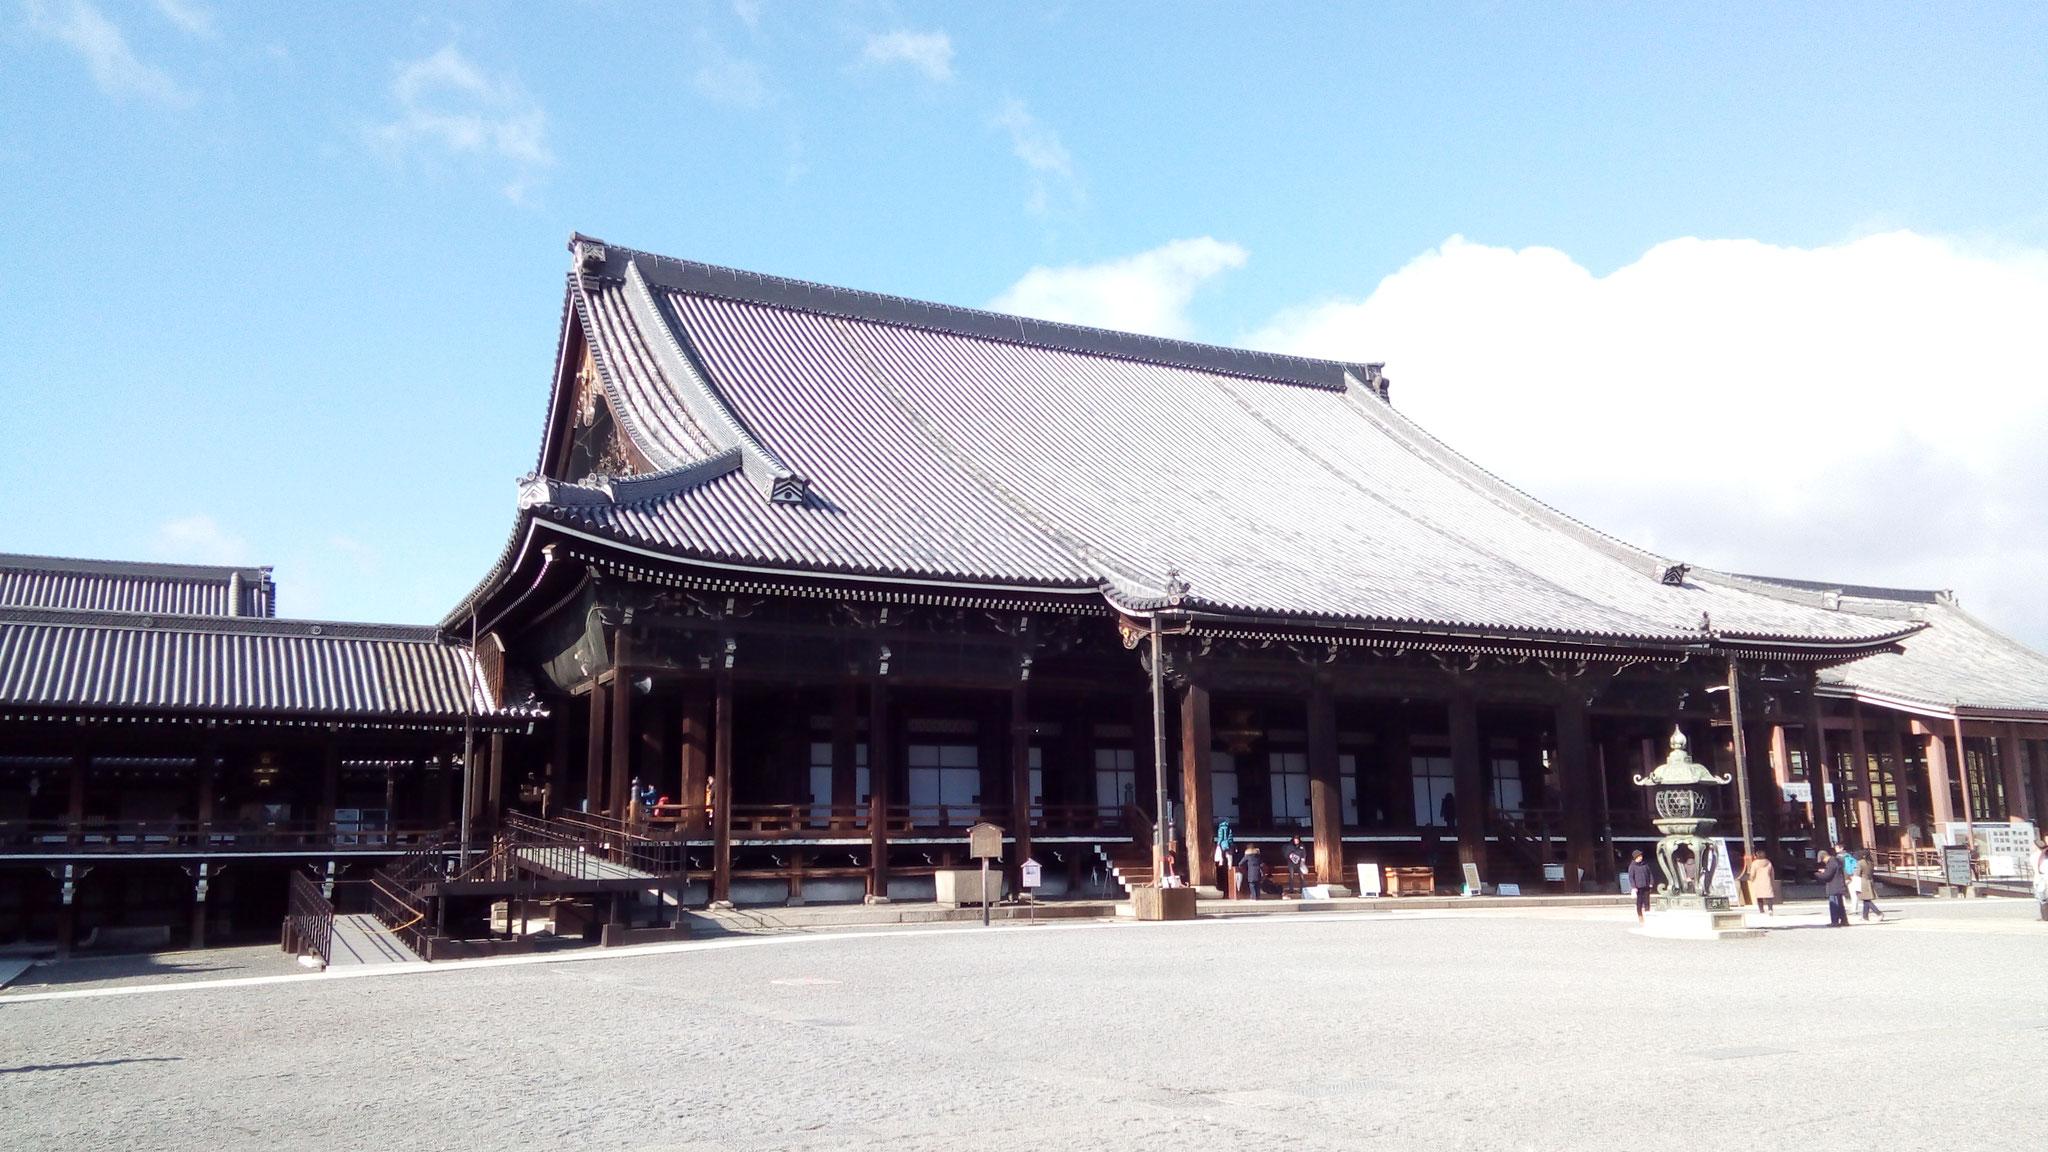 本堂の阿弥陀堂(国宝)